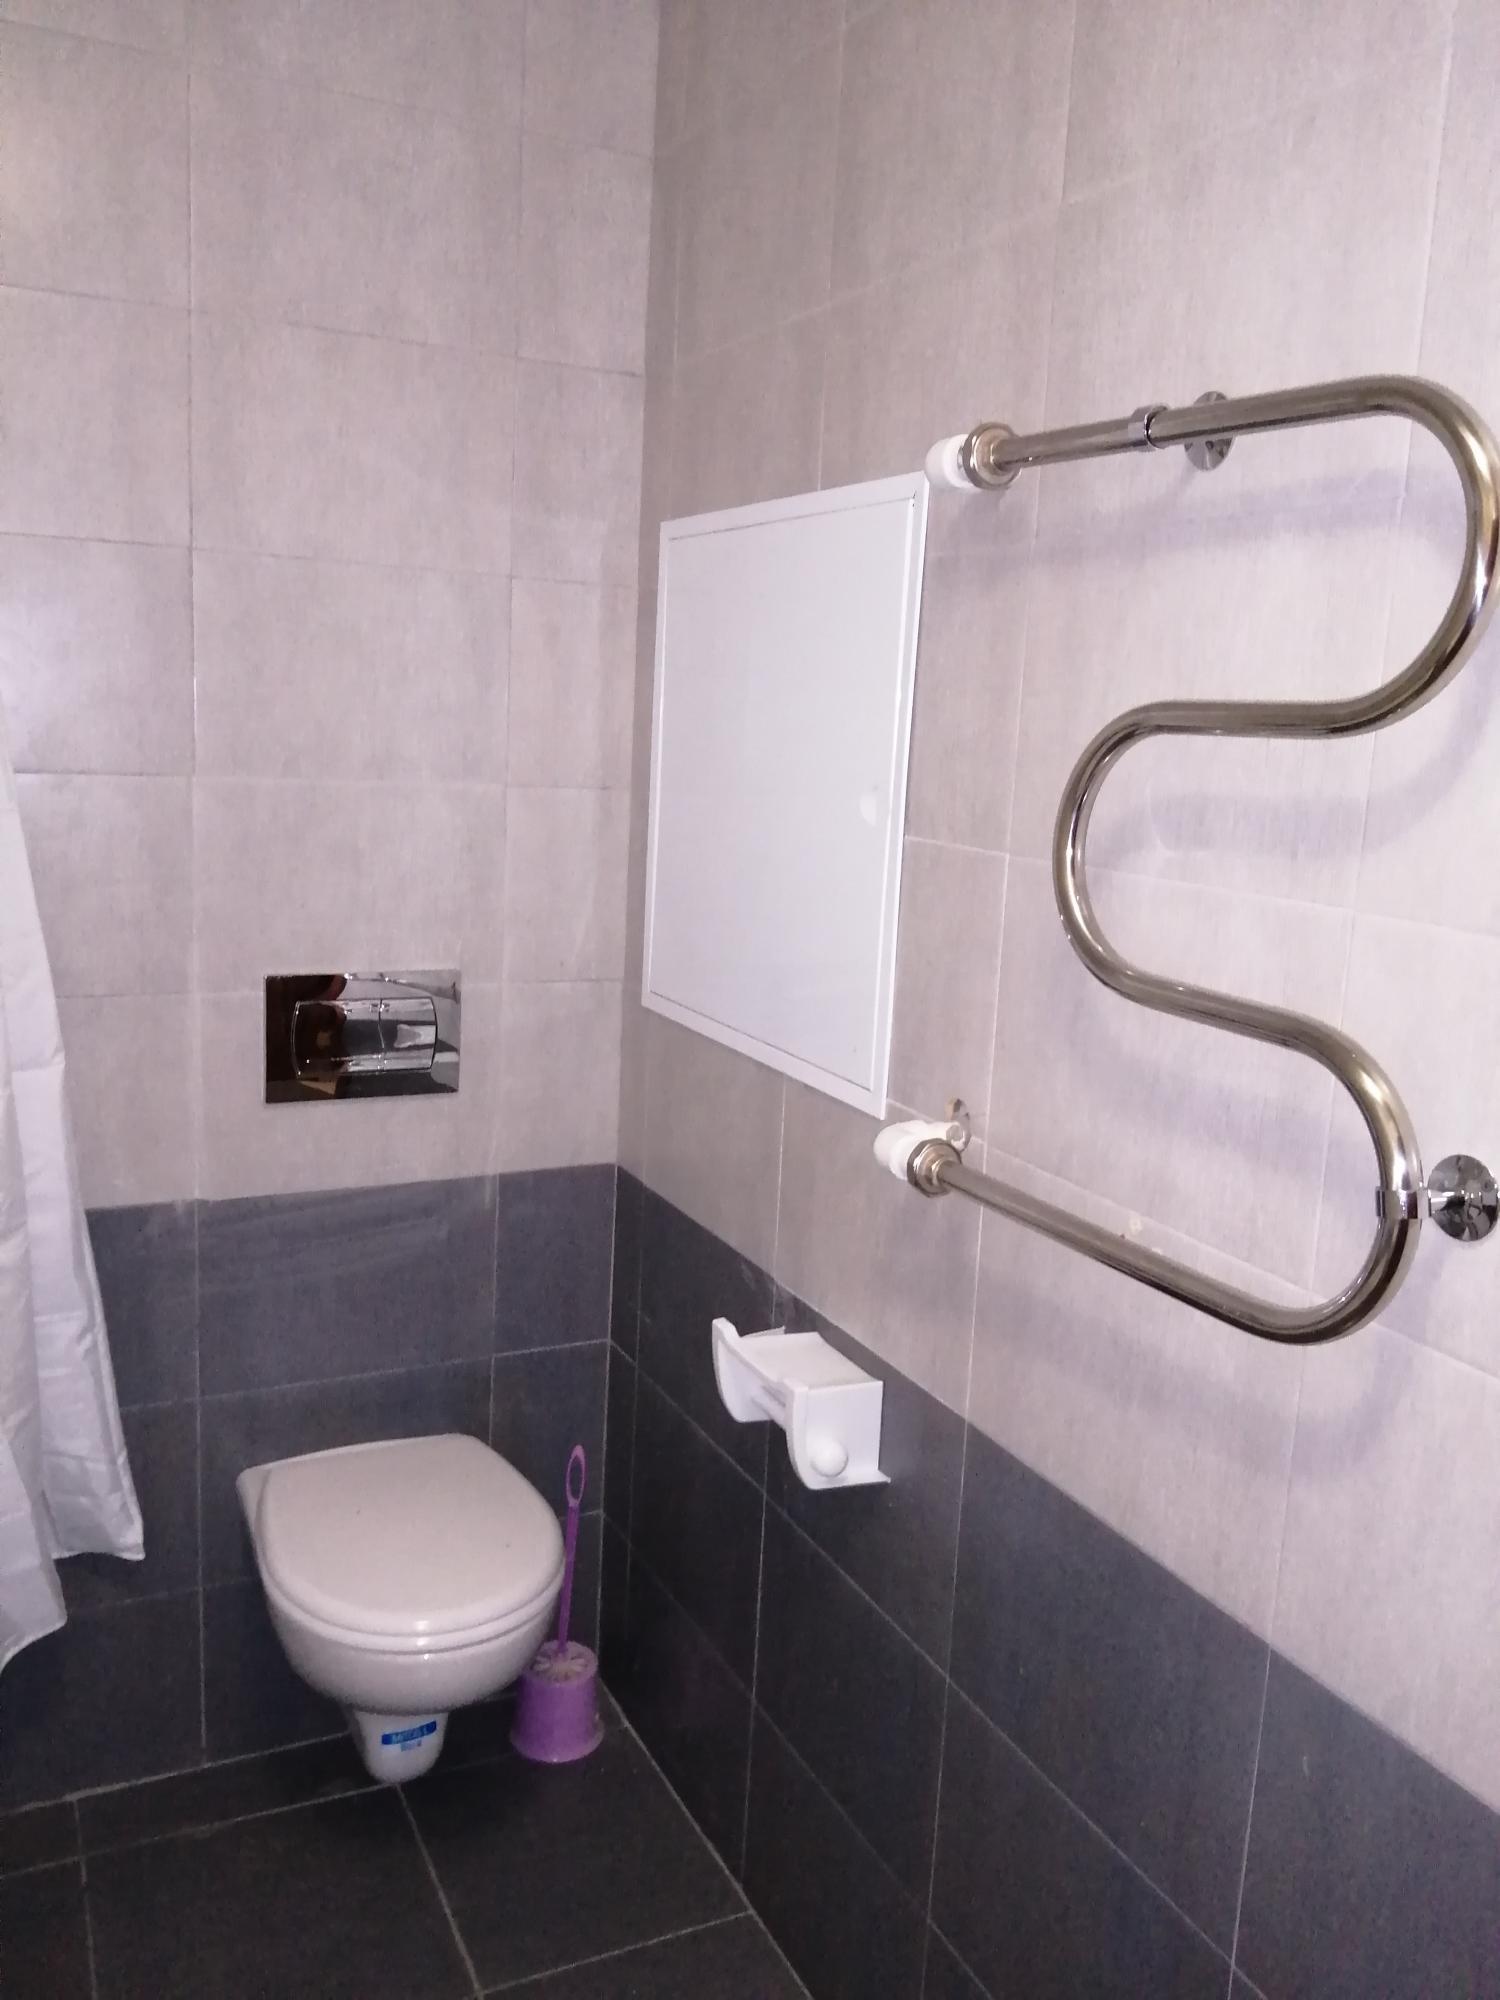 Квартира, 1 комната, 38 м² в Красково 89167750489 купить 9